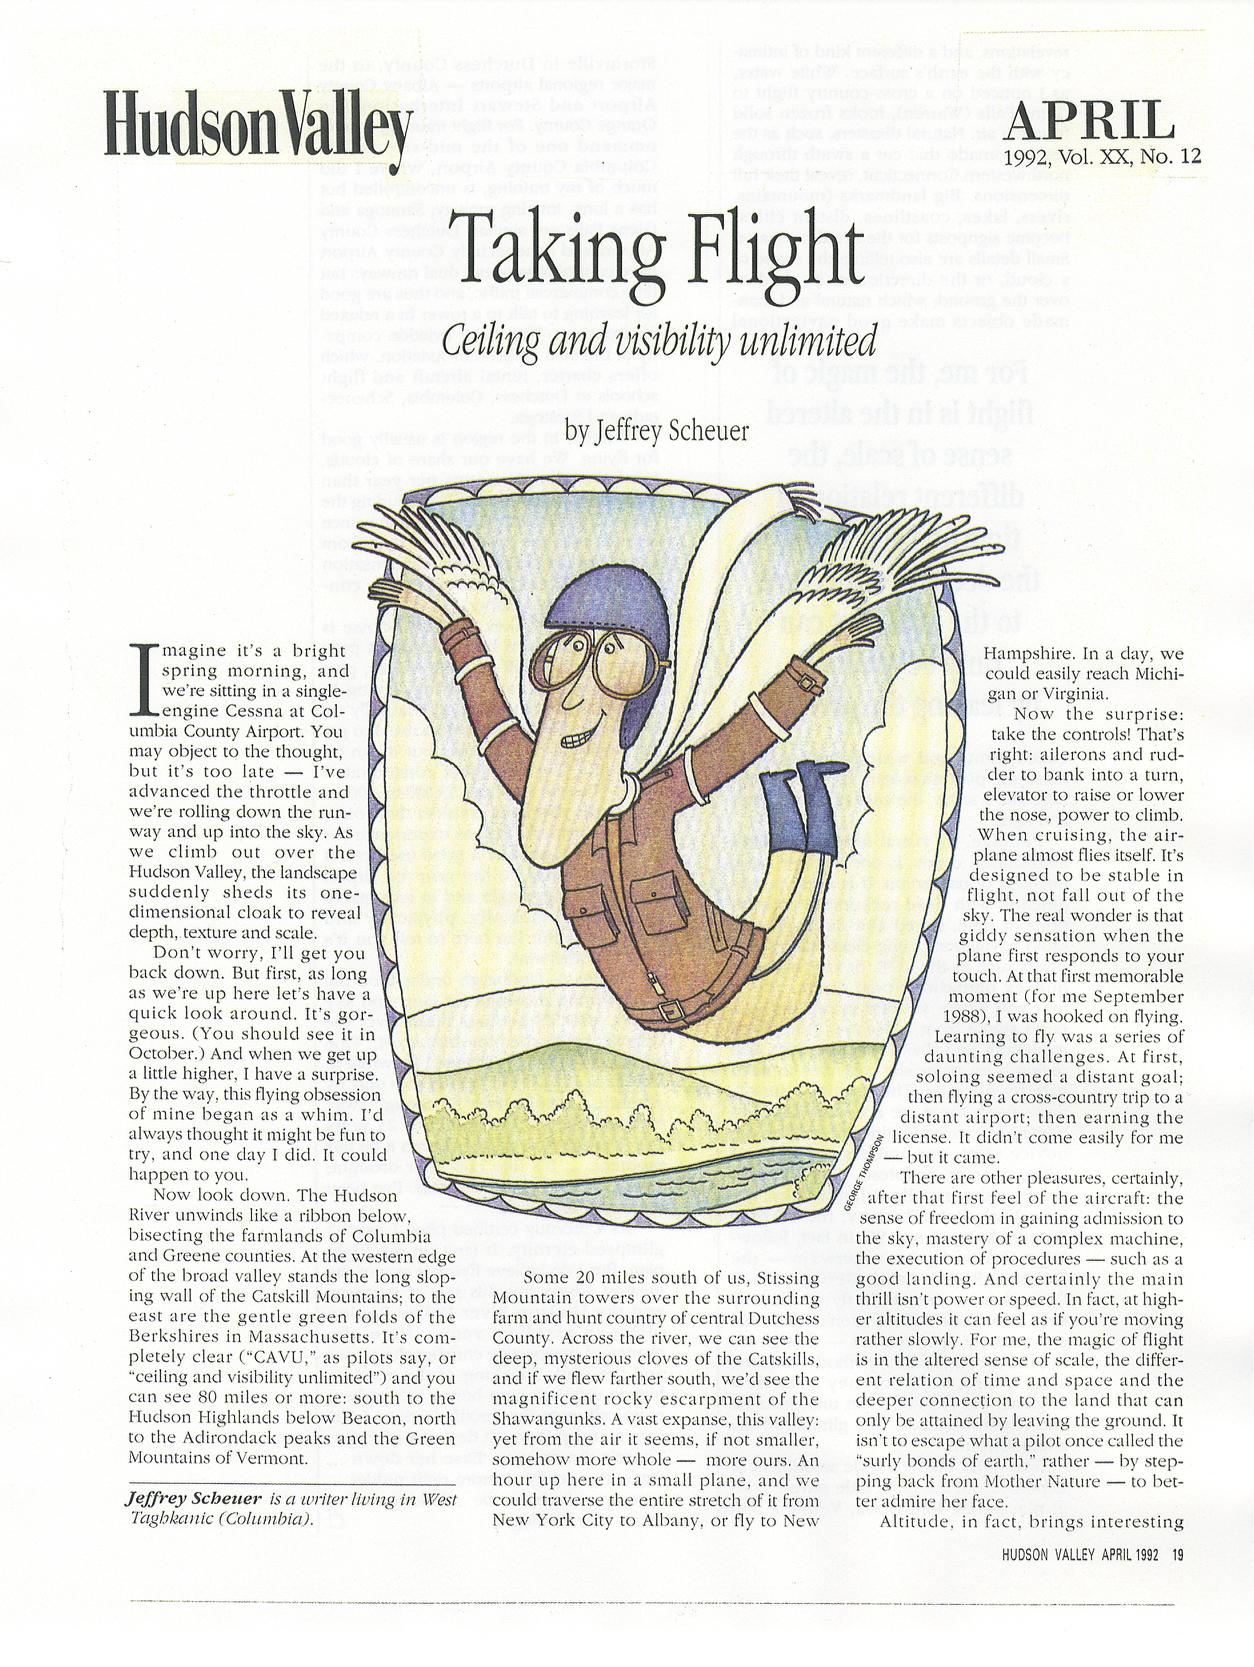 Aviator - Taking Flight1.jpg